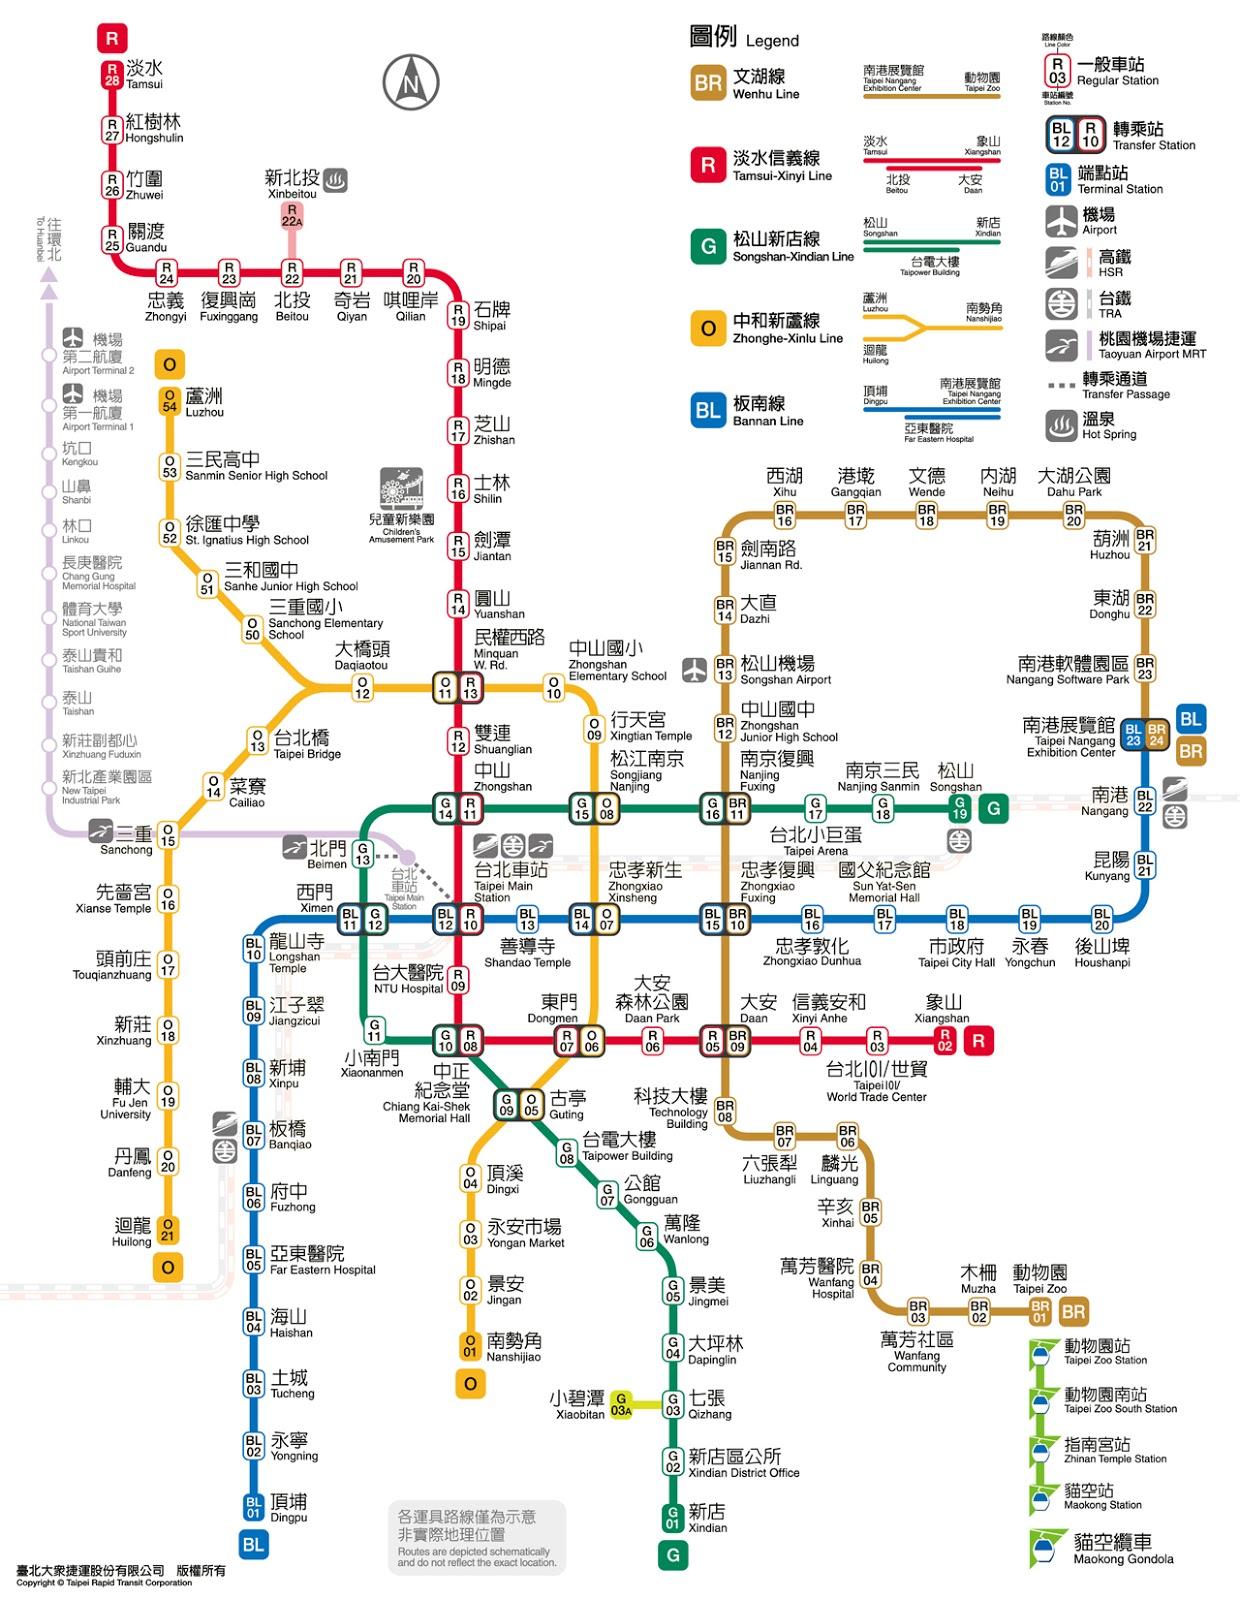 黃民彰的網站--Taiwan Taipei: 捷運大橋頭站